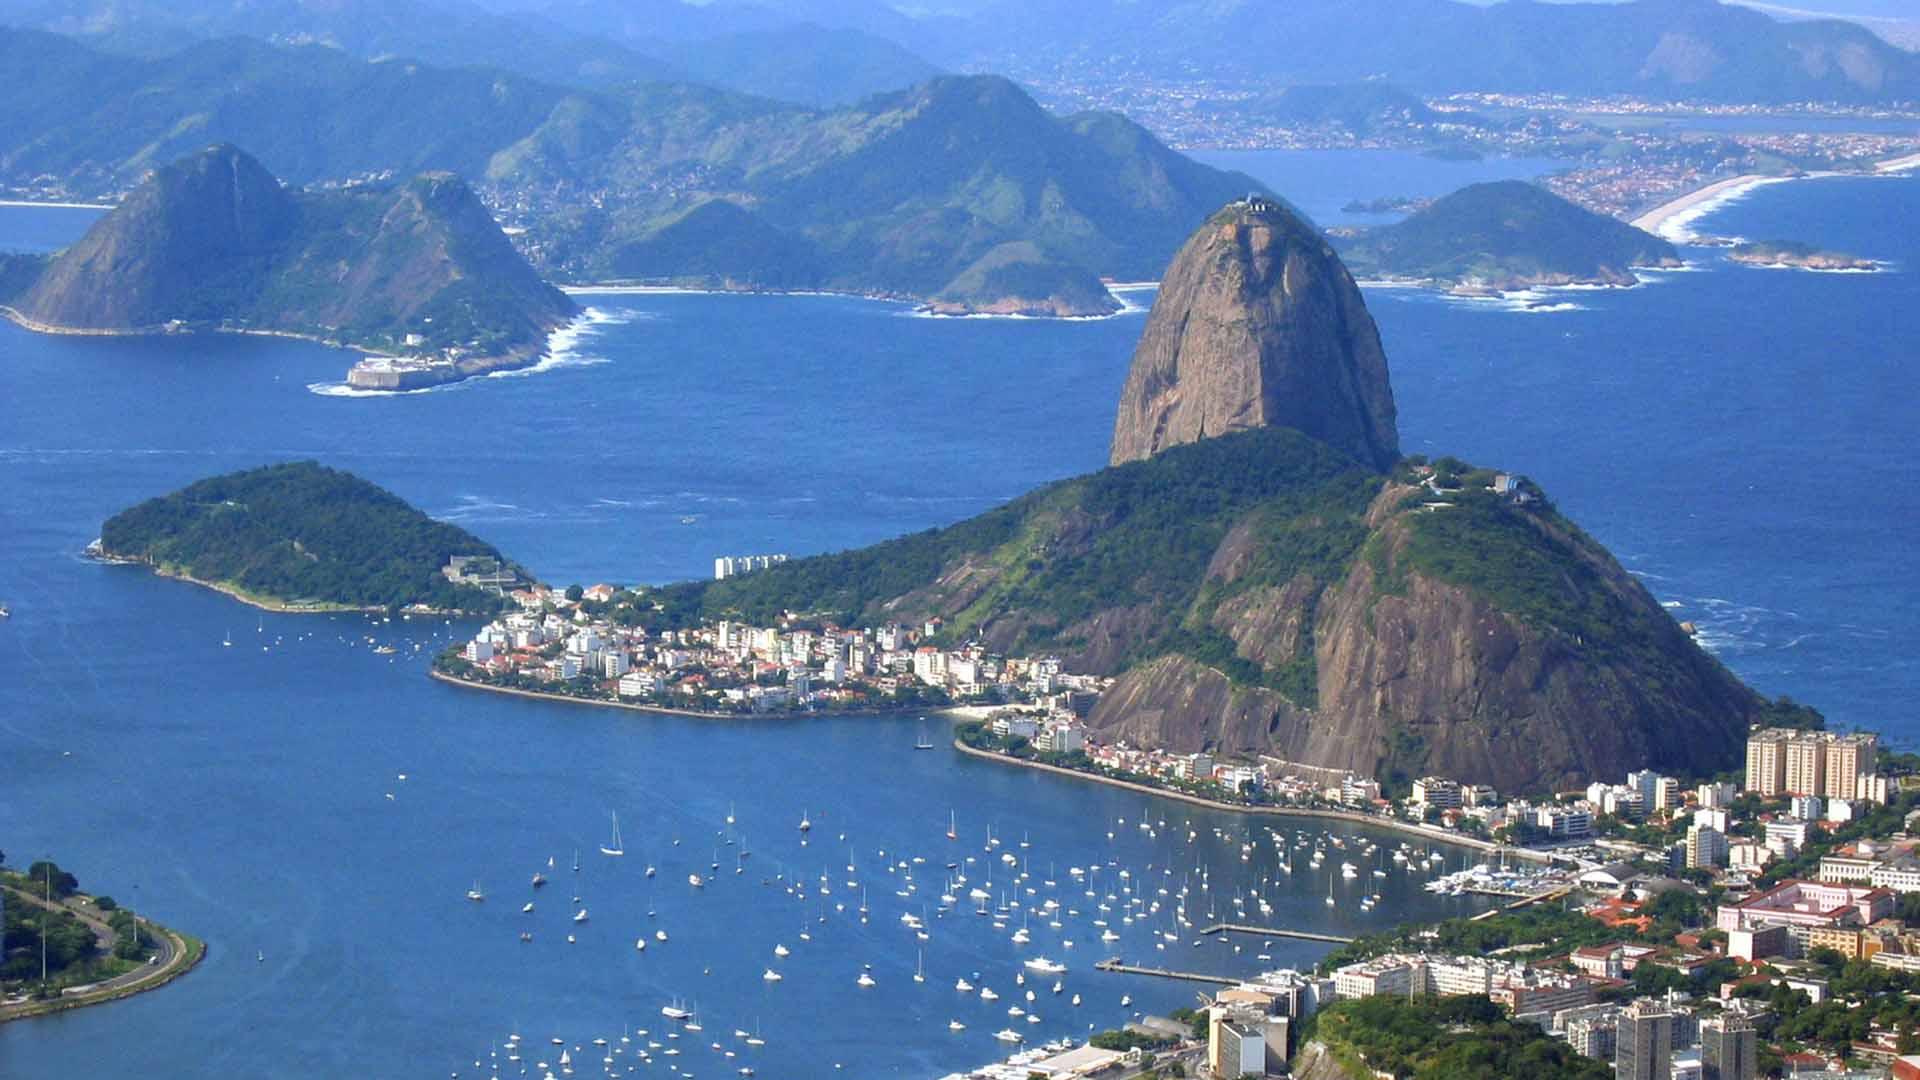 Un estudio reveló que en un minuto nueve personas pierden la vida de manera violenta en las principales ciudades del país suramericano